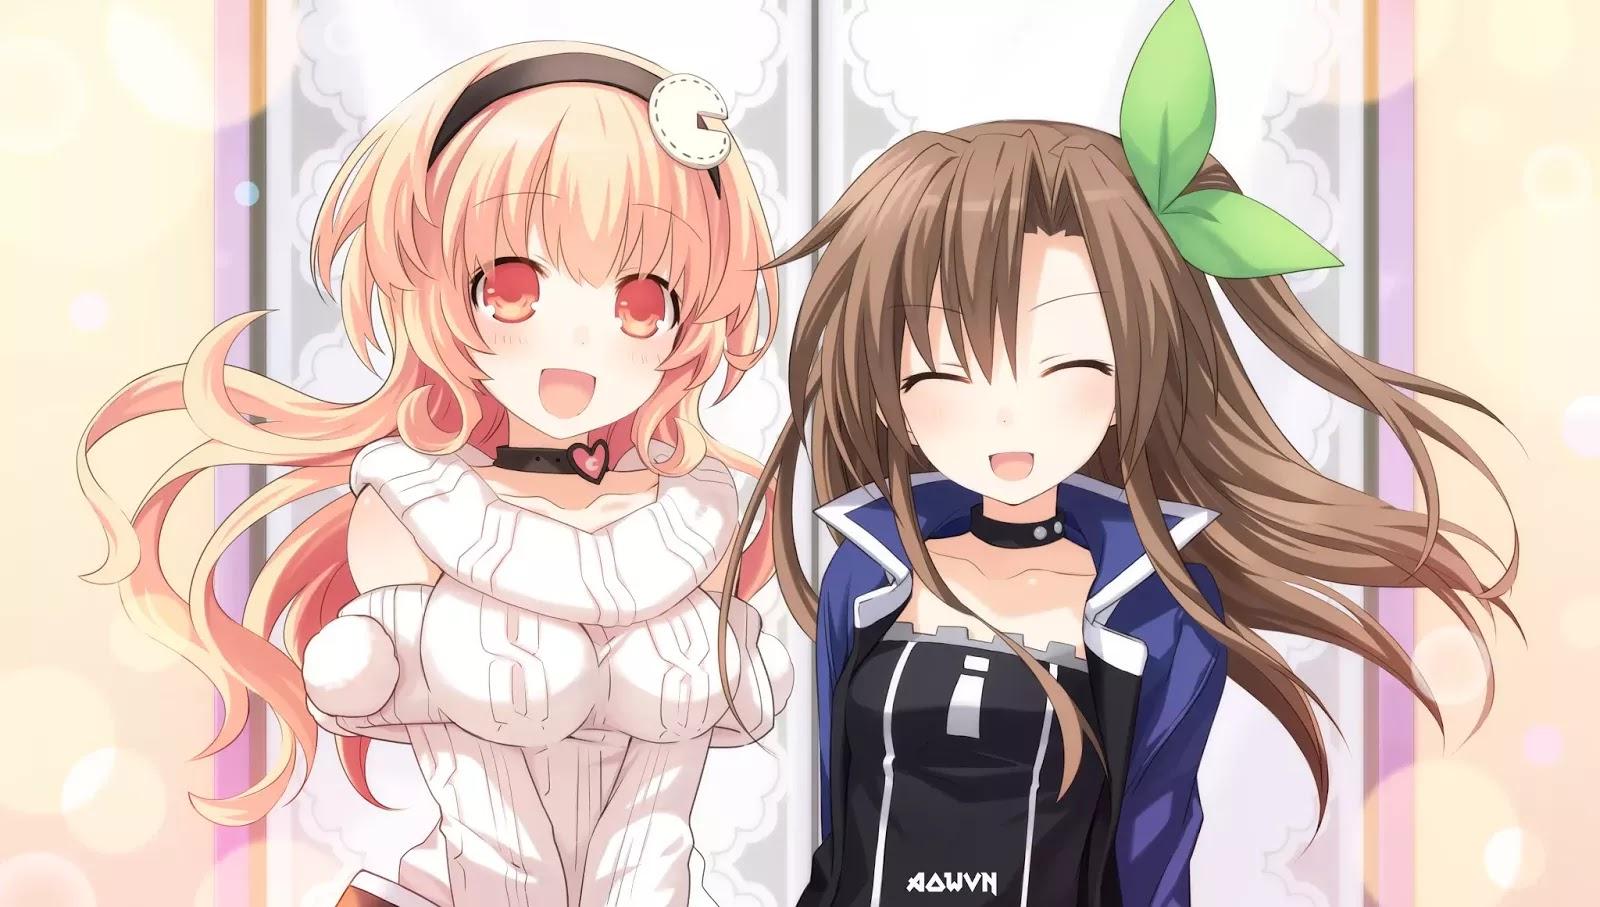 AowVN.org min%2B%252824%2529 - [ Hình Nền ] Game Hyperdimension Neptunia cực đẹp | Anime Wallpapers